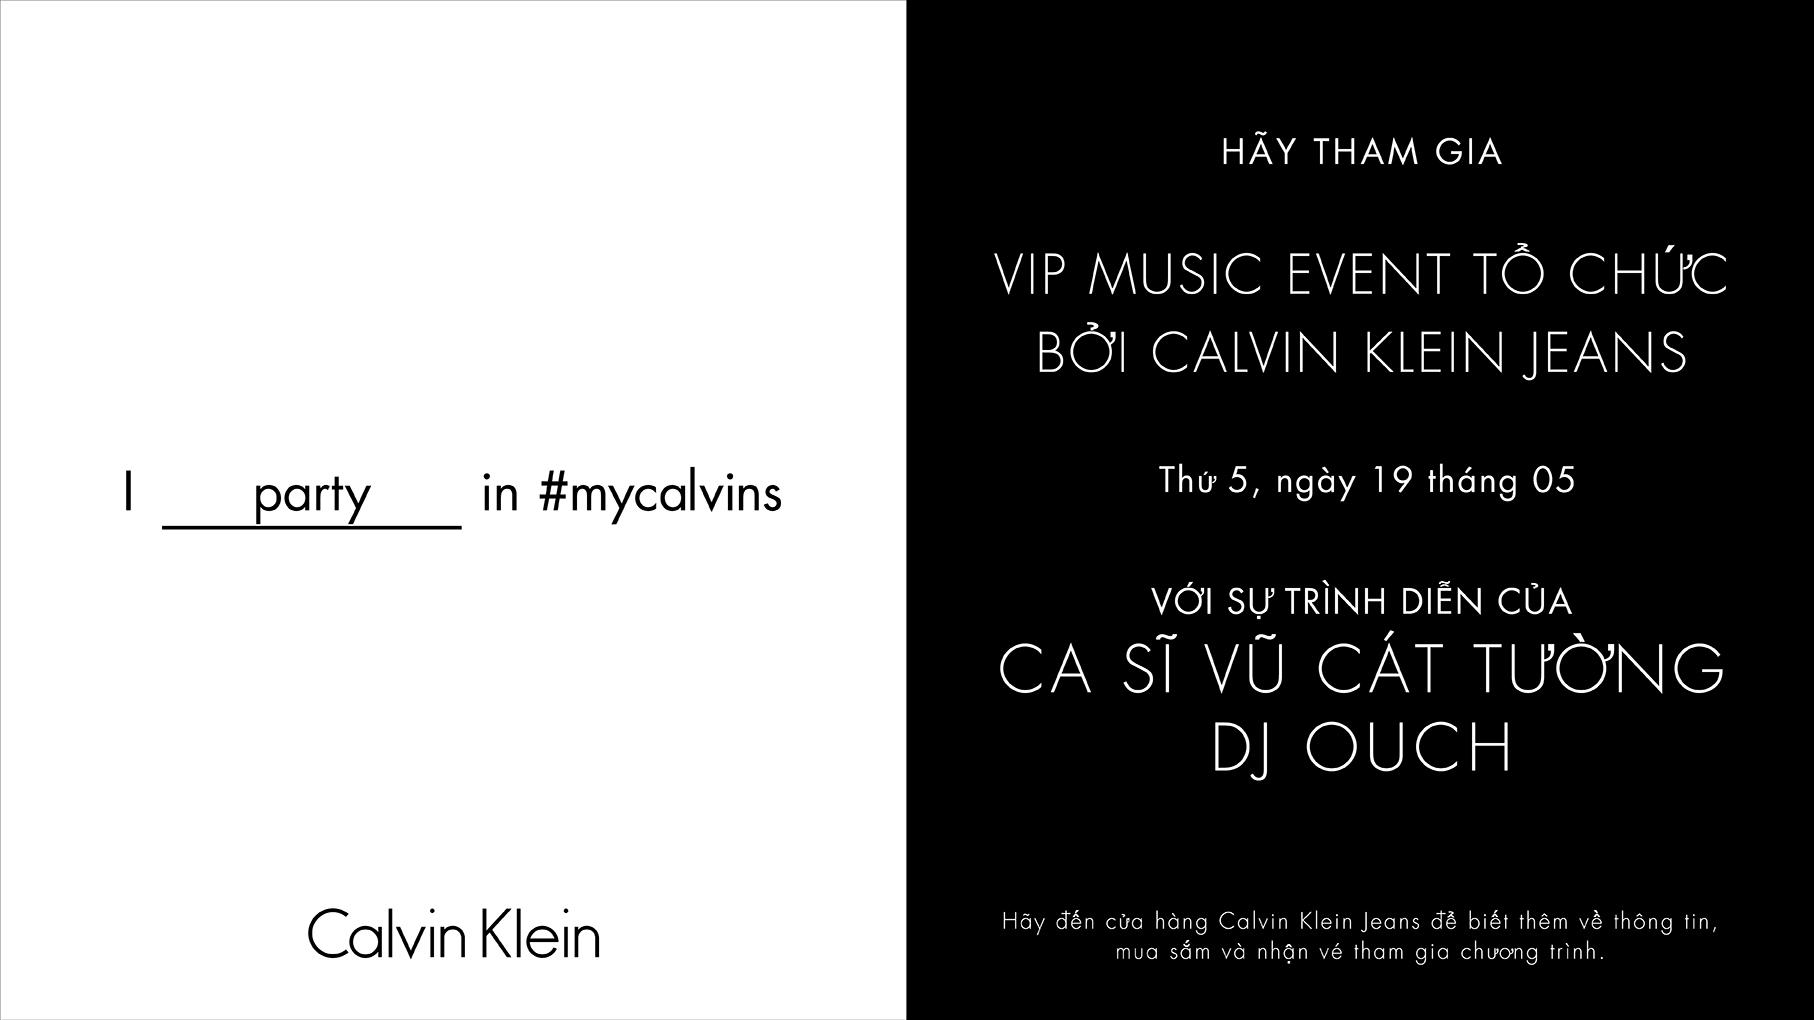 Calvin Klein MUSIC EVENT